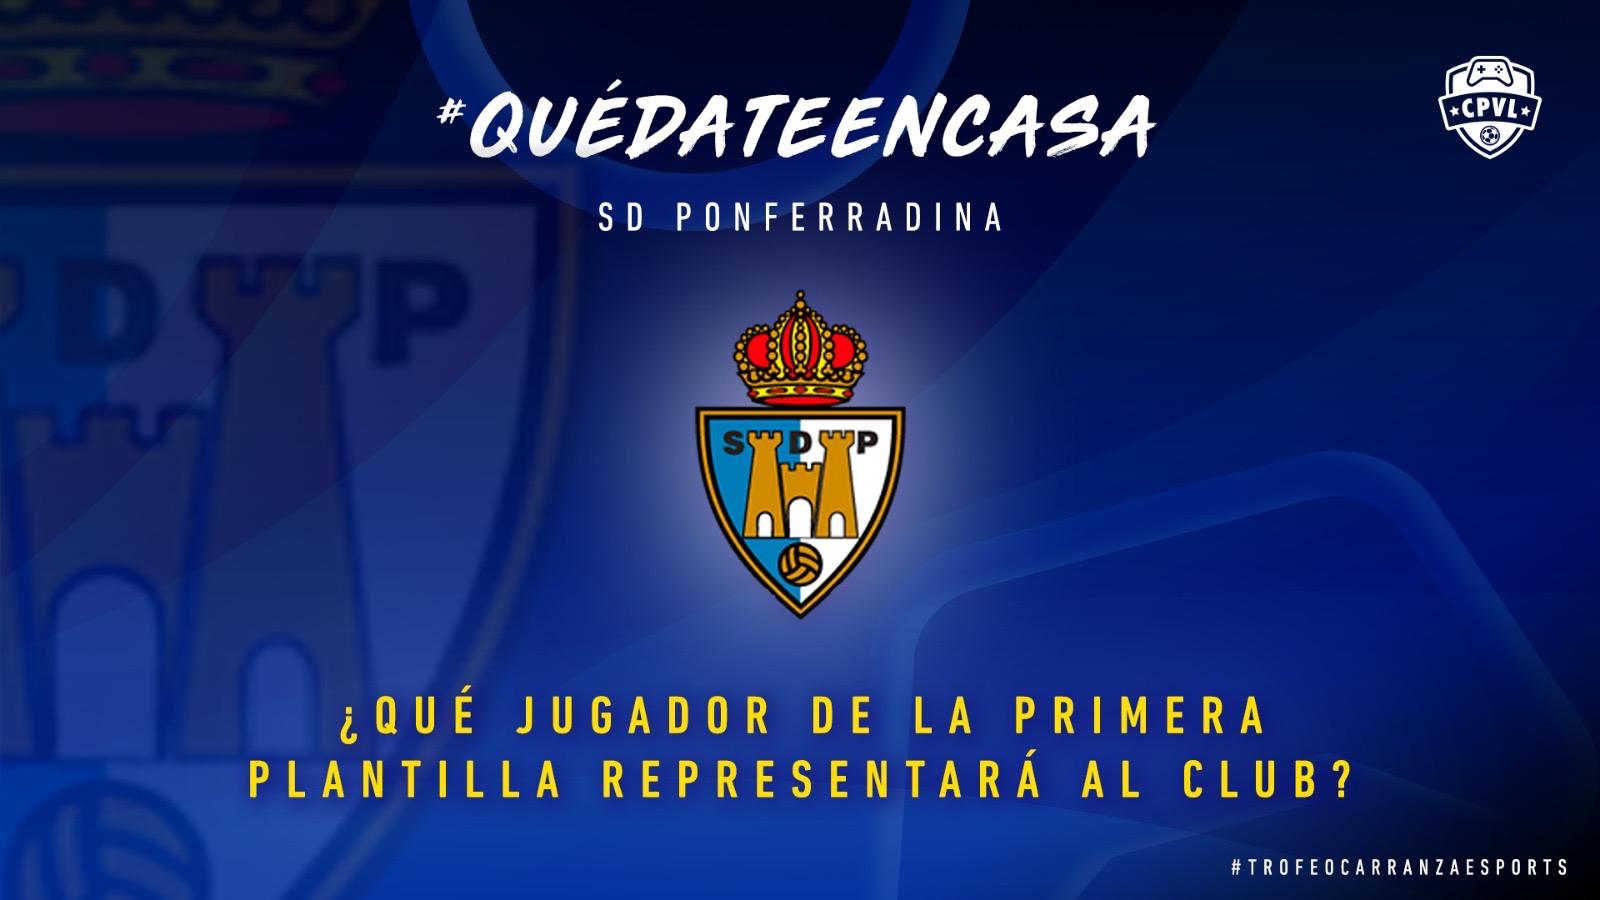 La Ponferradina juega el Trofeo Carranza #Esport solidario y elegirá a su representante esta tarde entre los jugadores de la primera plantilla 1